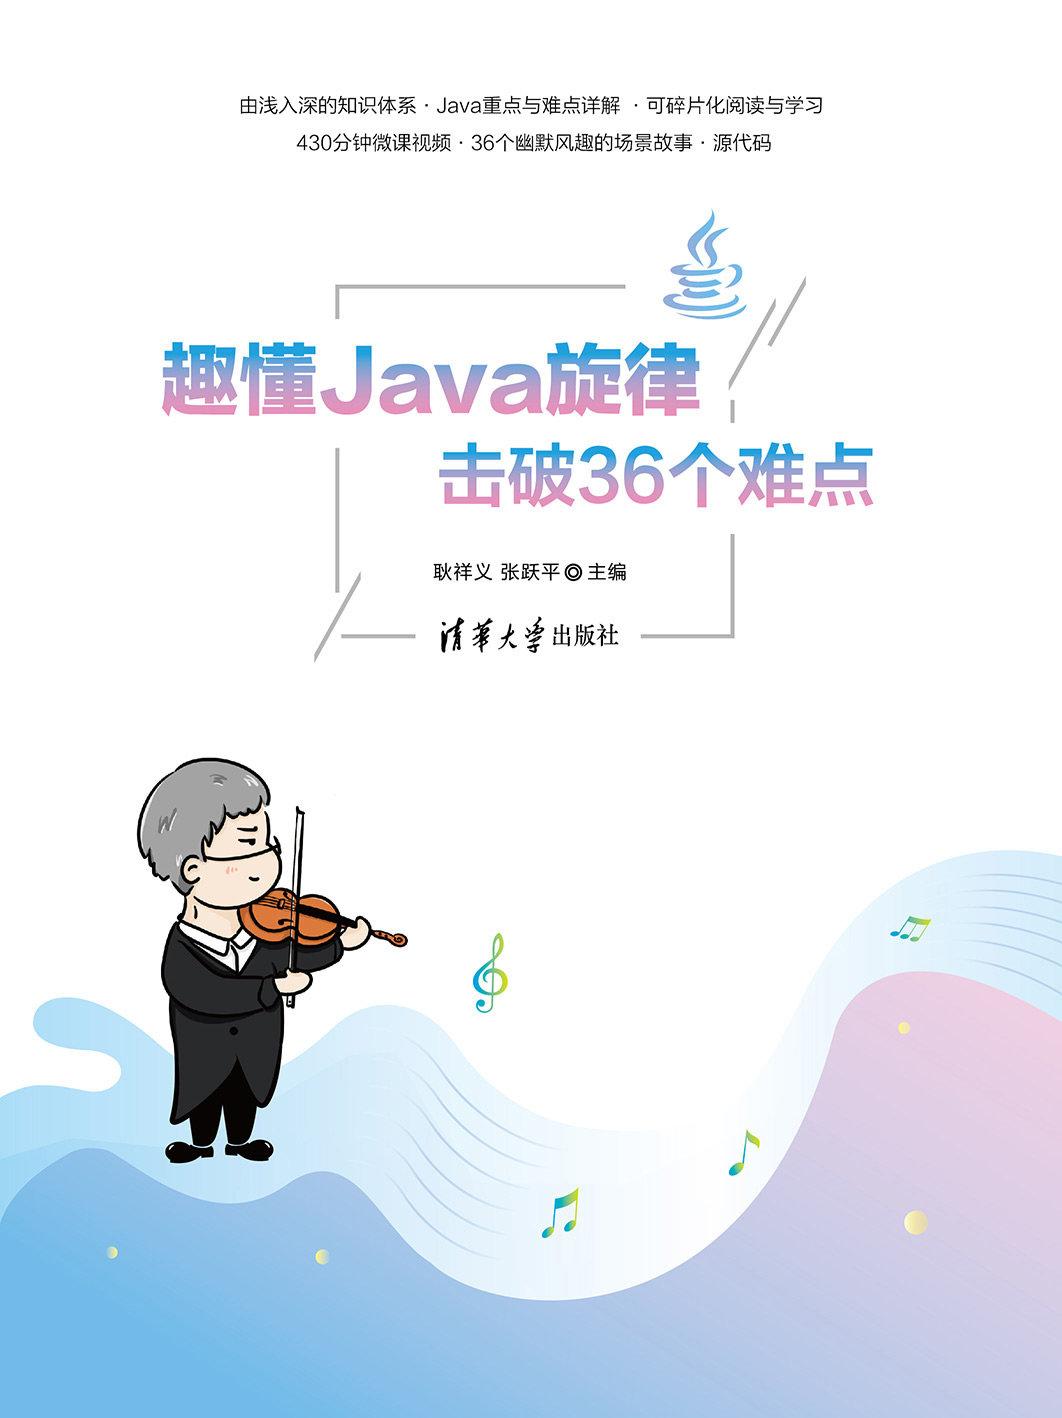 趣懂Java旋律,擊破36個難點-preview-1